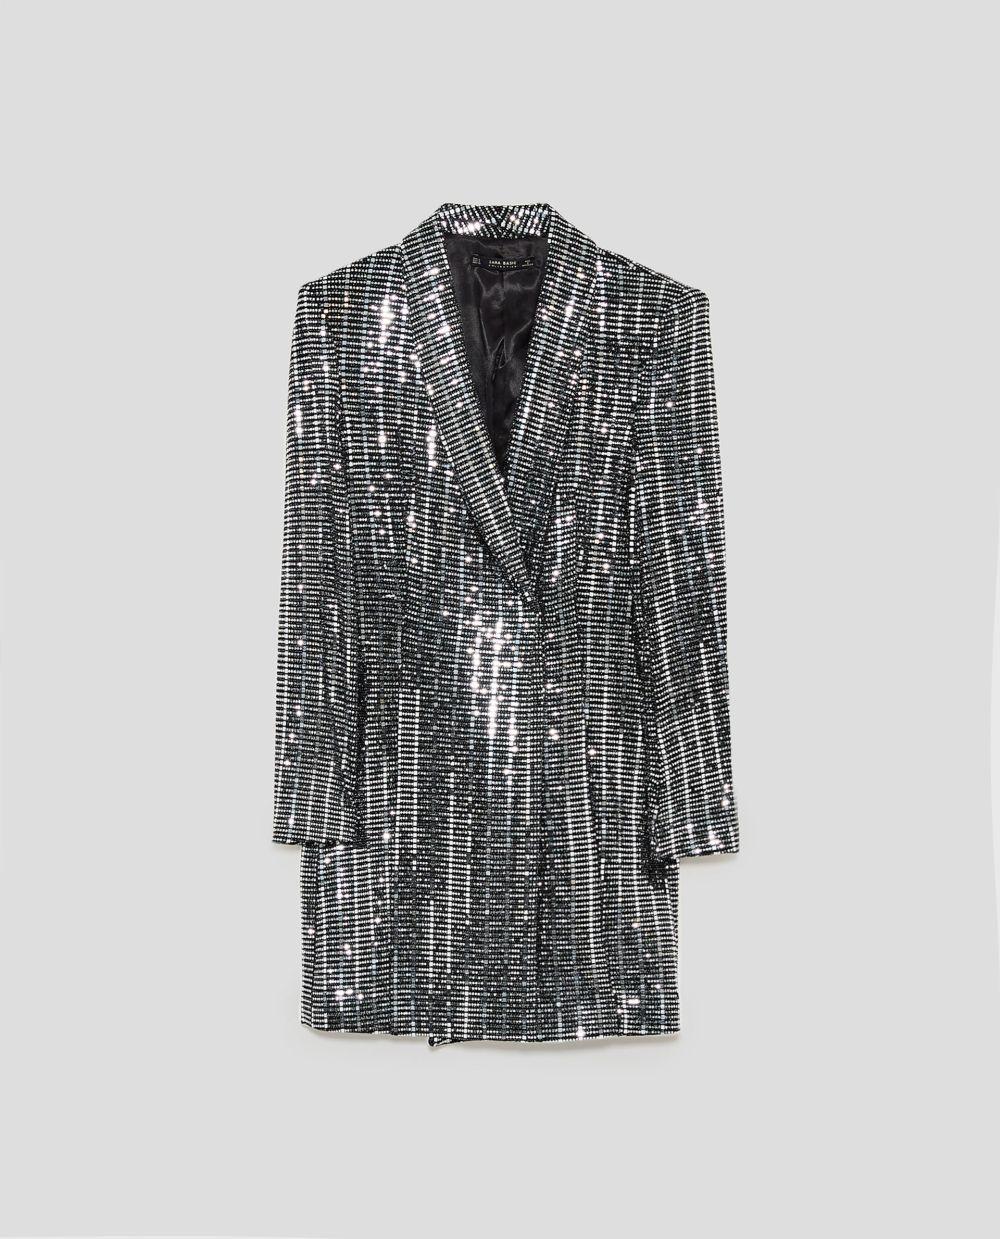 amplia selección a juego en color venta caliente real Compras navideñas | Vestido blazer metalizado, de Zara (59.95...